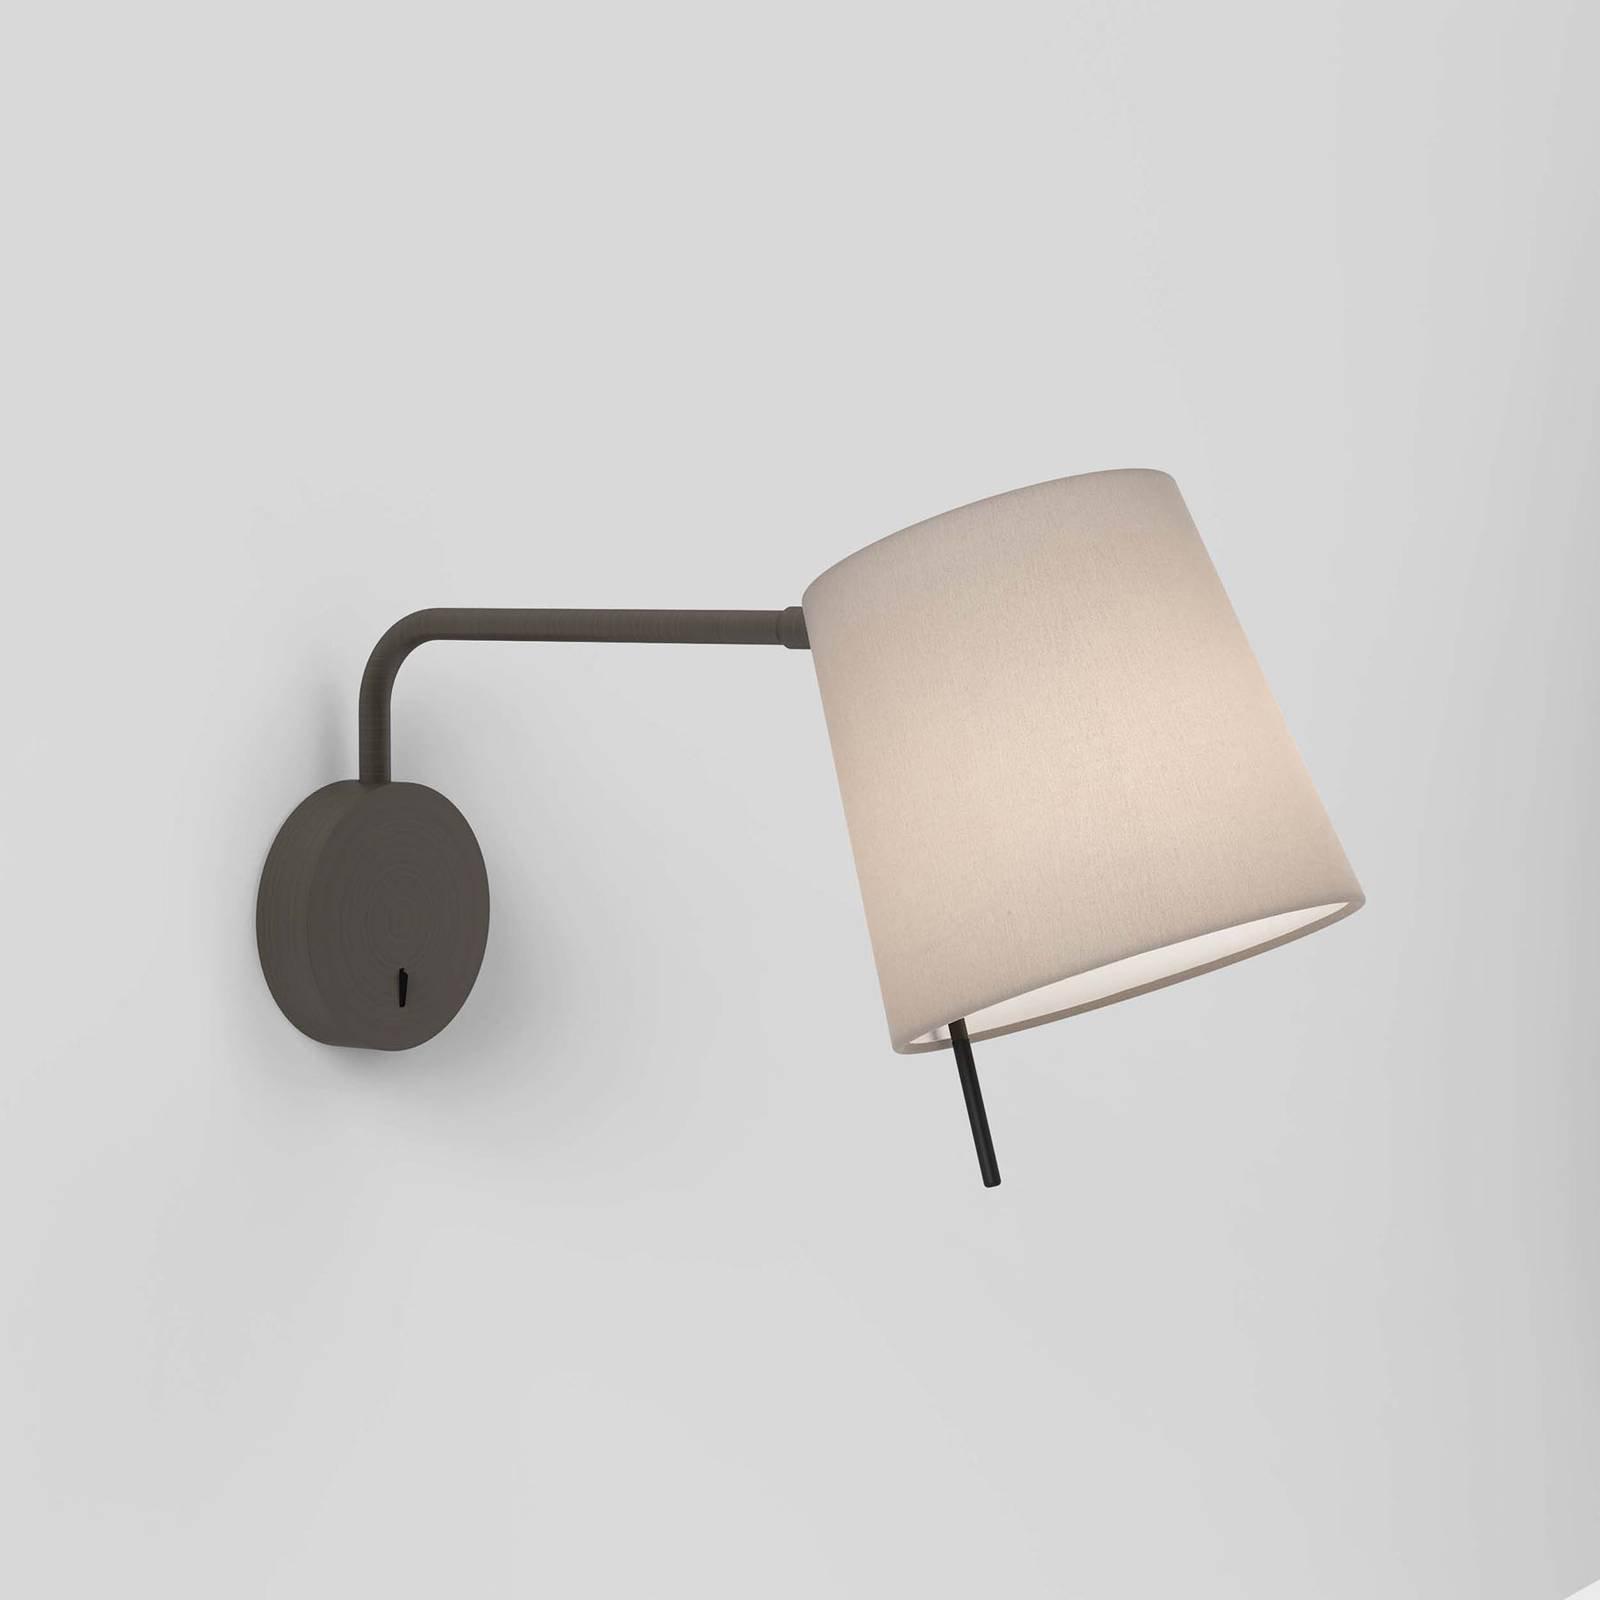 Vegglampe Mitsu Swing, bronse, østersfarget skjerm